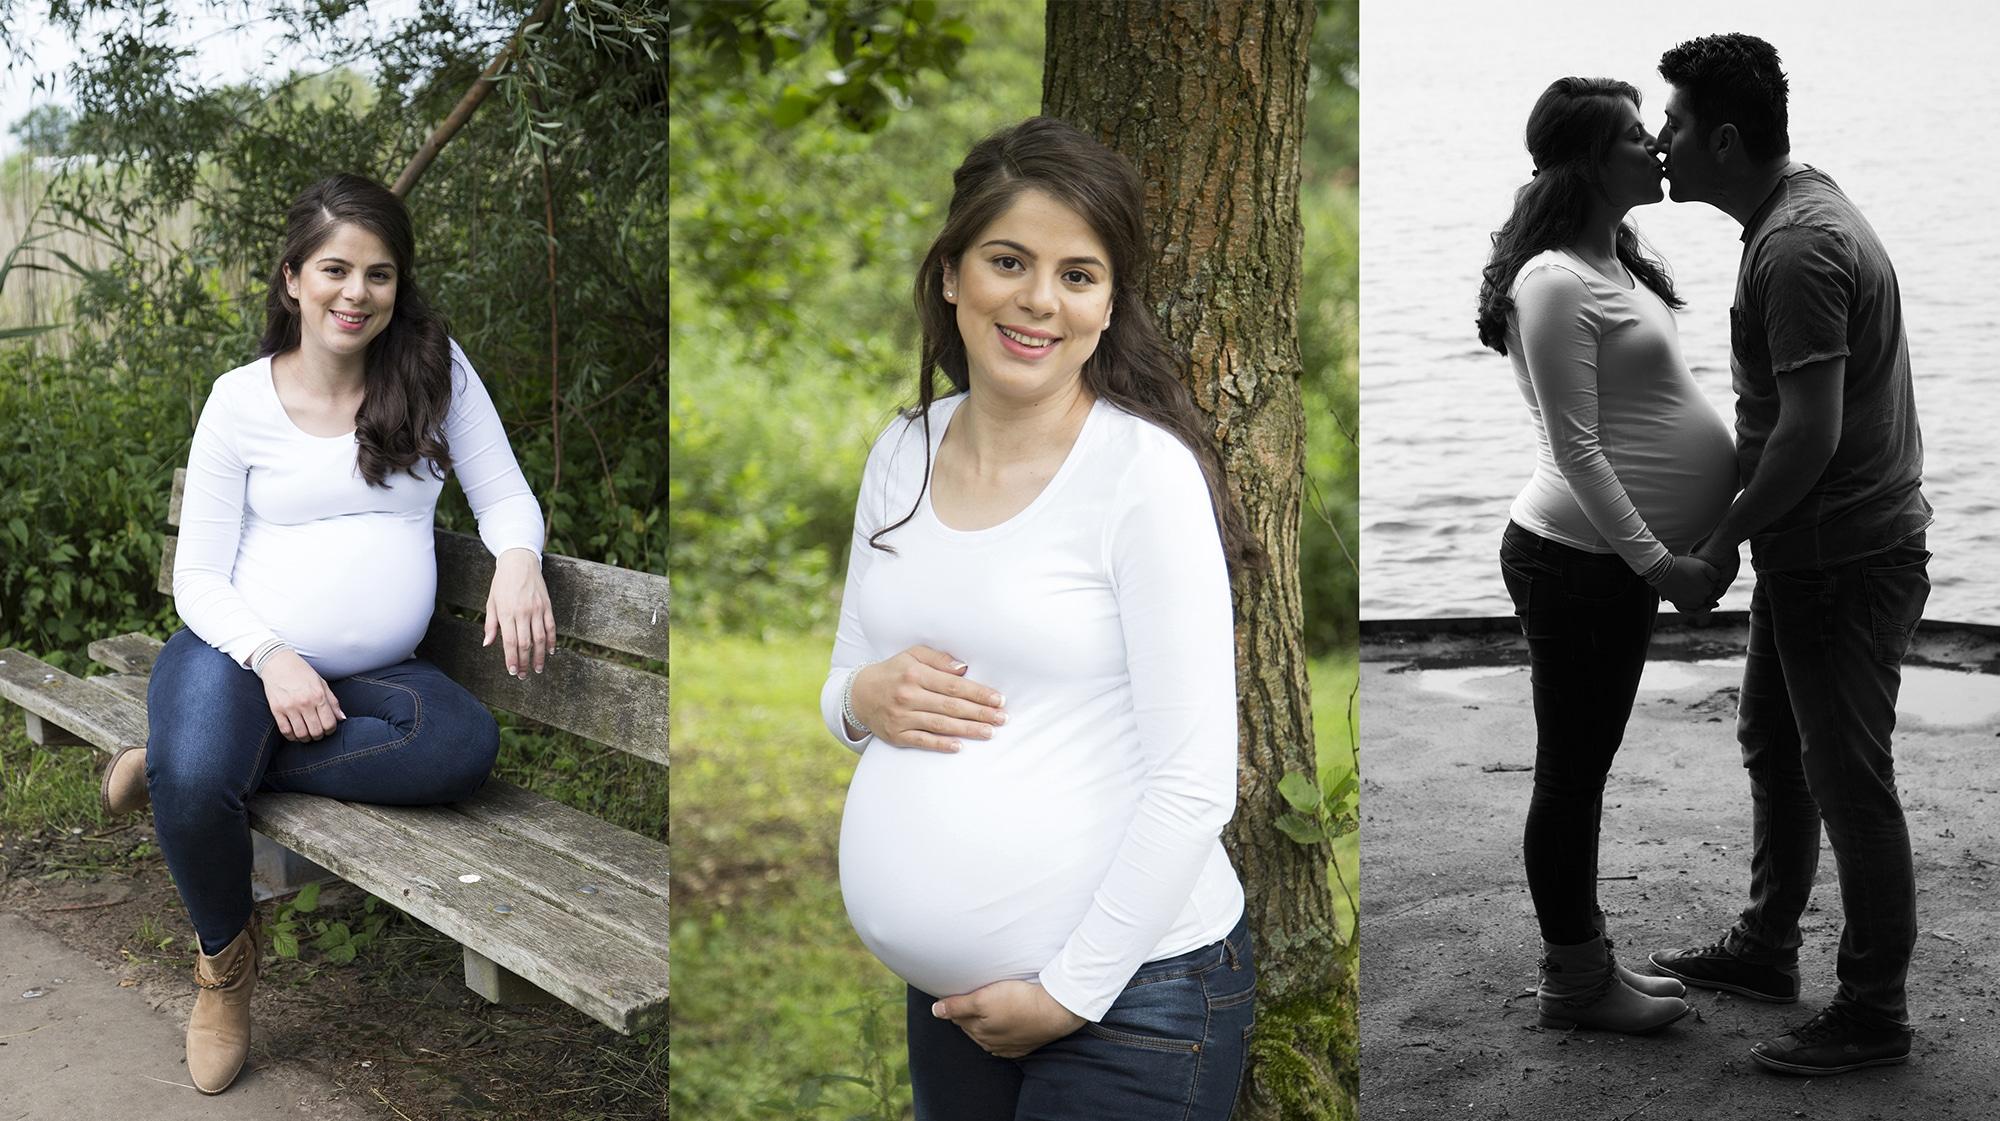 zwangerschapsfotografie denbosch